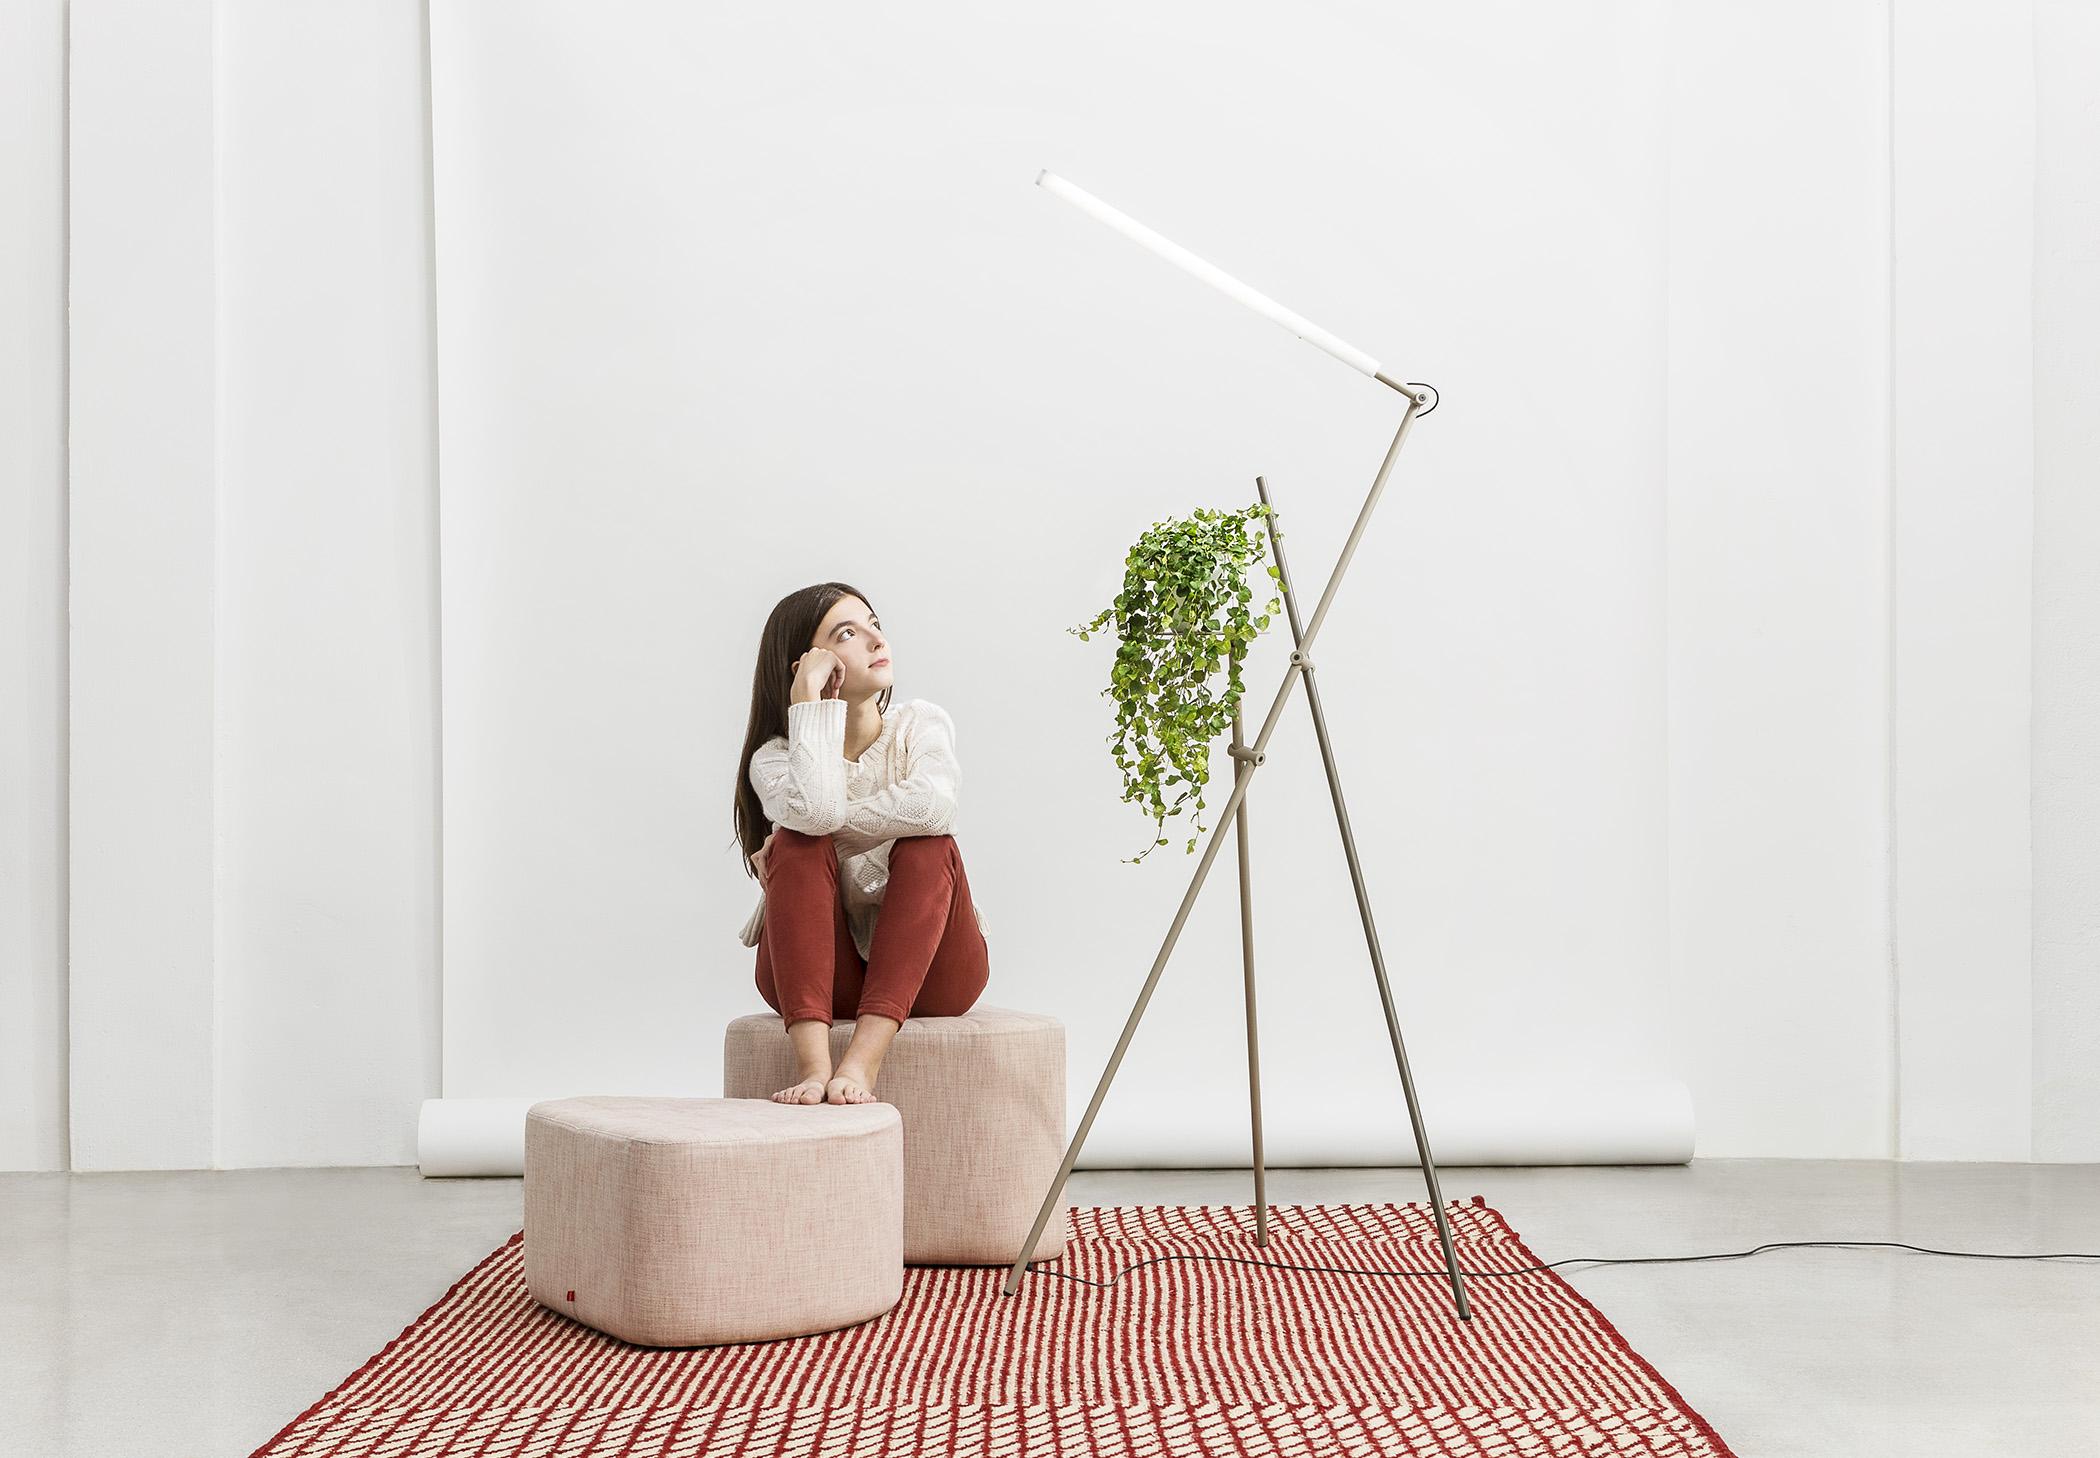 Asana P 3768 Floor Lamp Estiluz Image Ambient 02